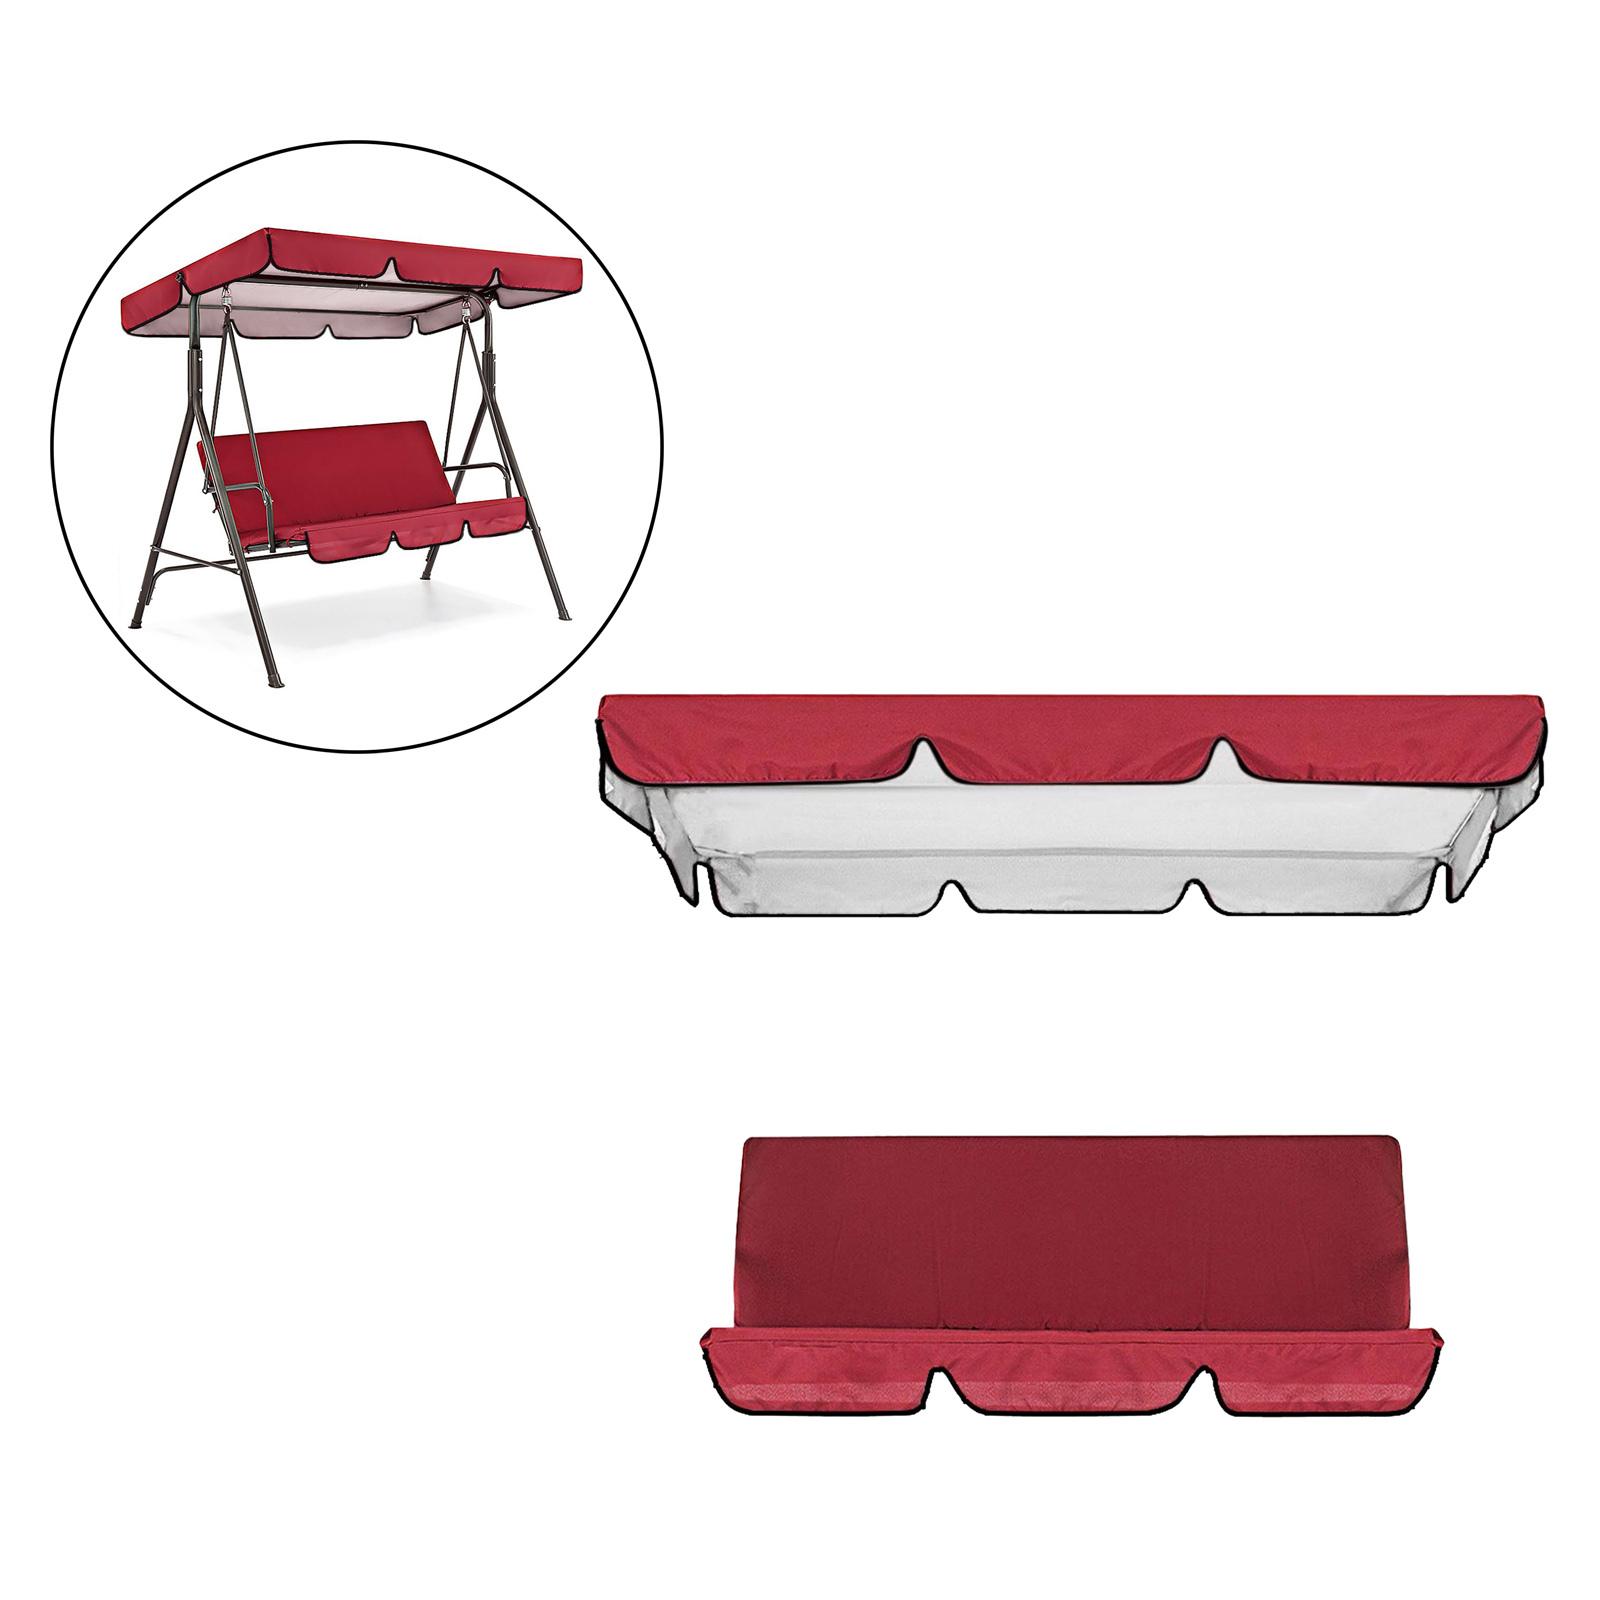 miniatura 5 - Sostituzione della copertura della sedia a dondolo da esterno per patio,